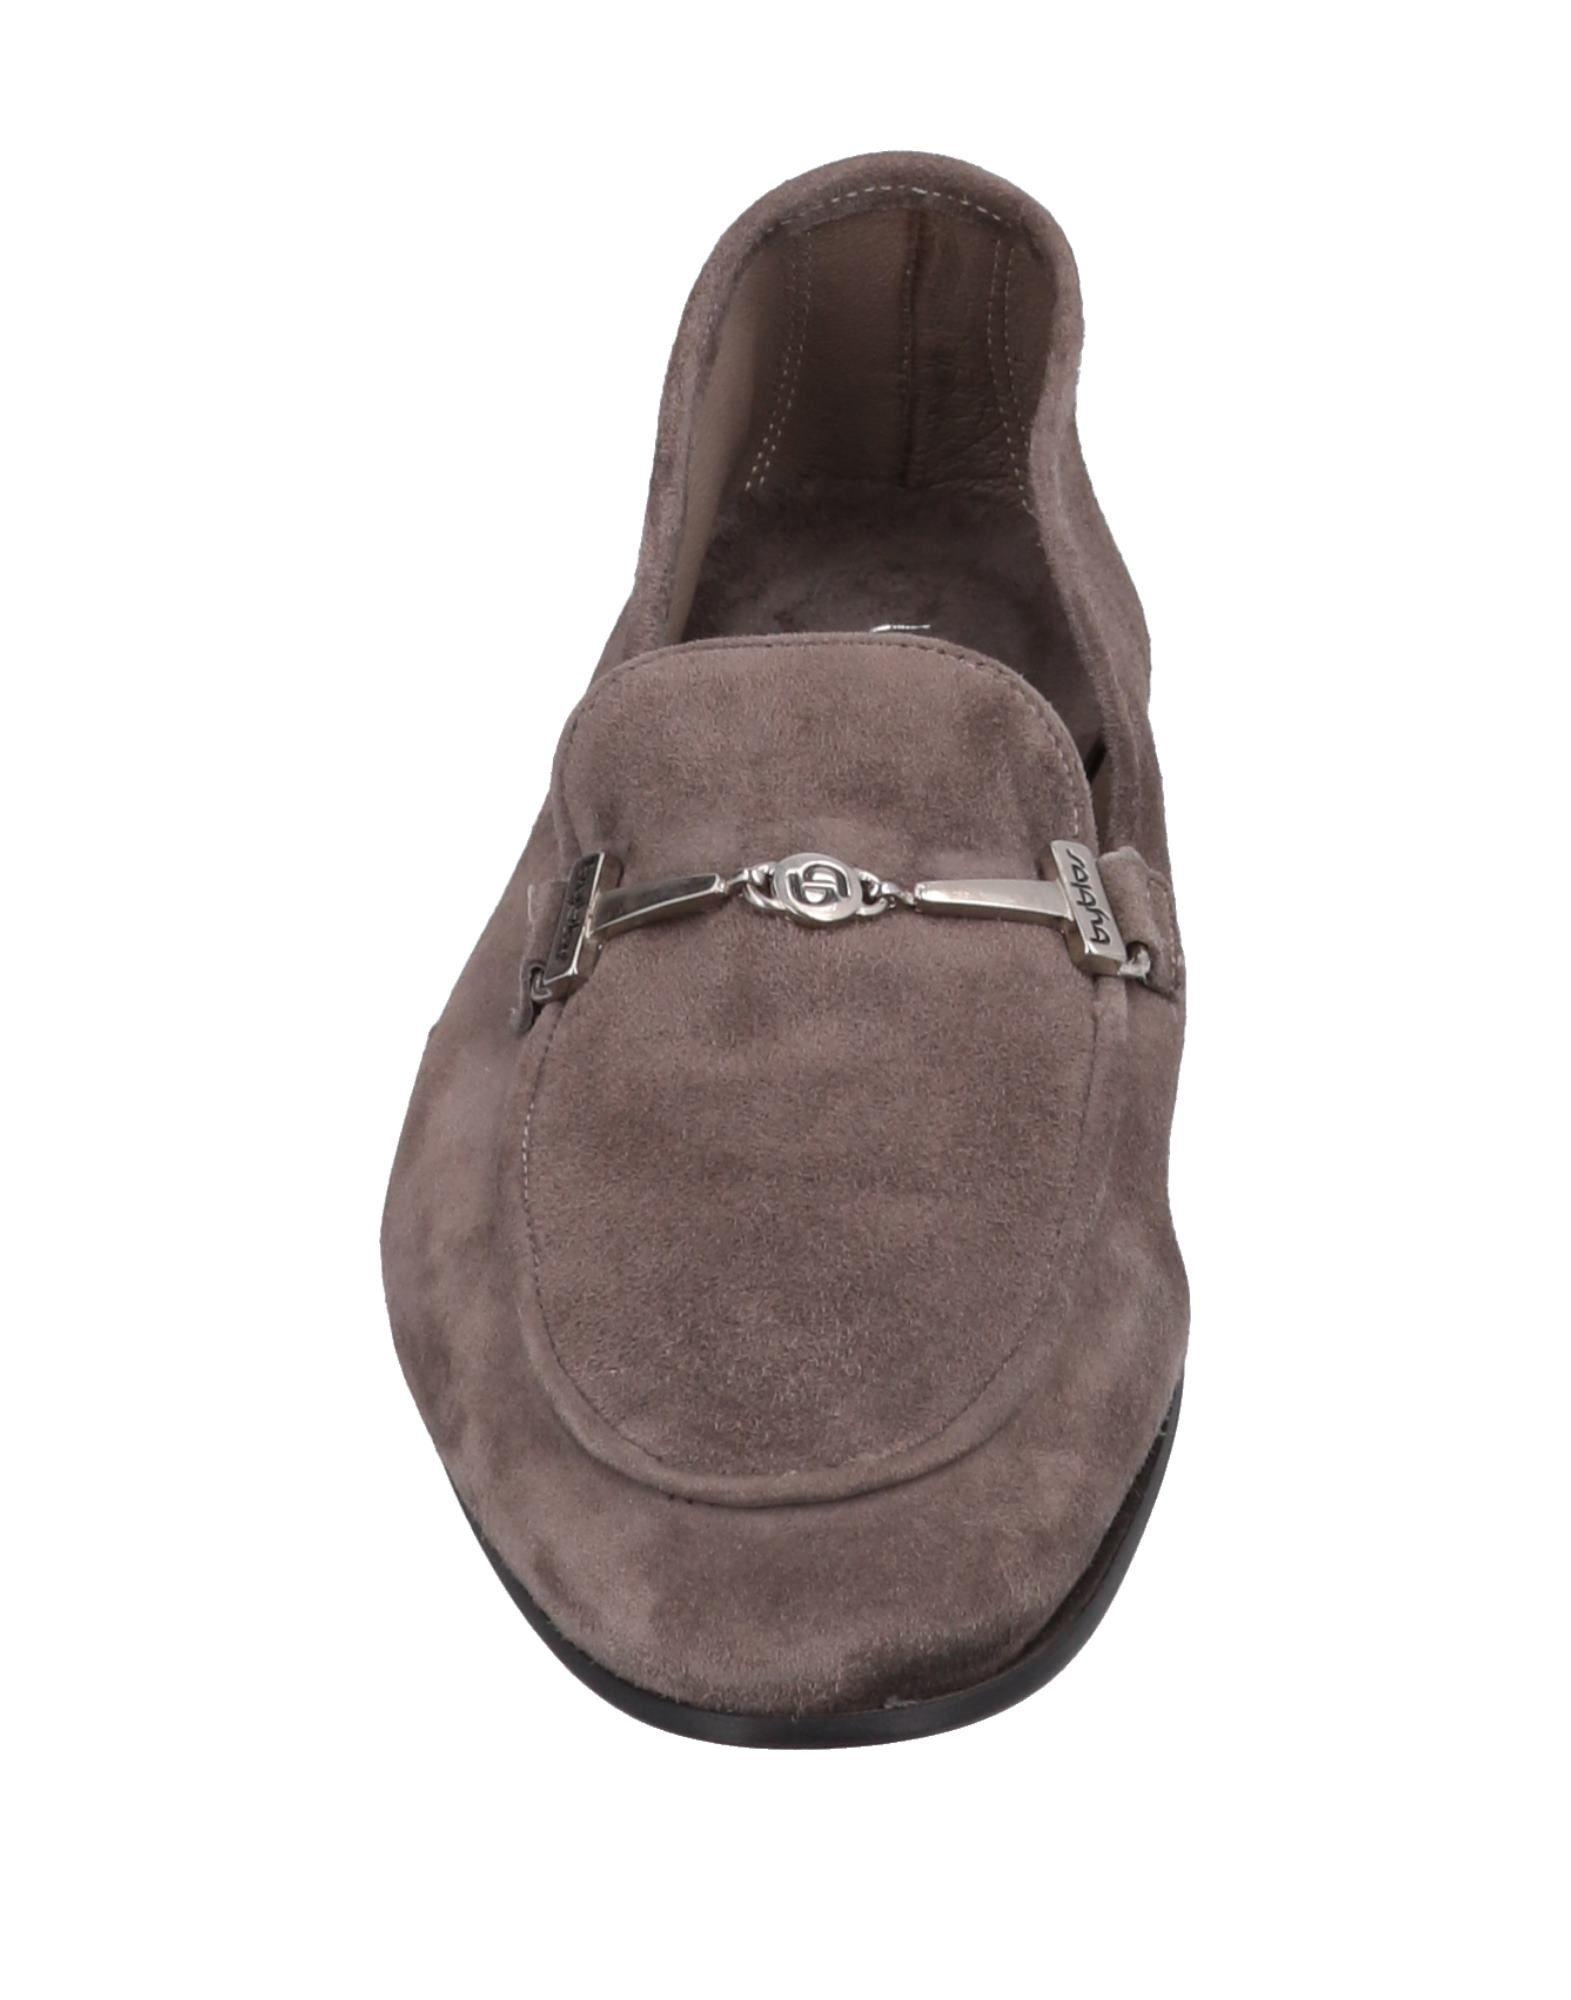 Rabatt echte Schuhe Herren Byblos Mokassins Herren Schuhe  11557188AU 574042